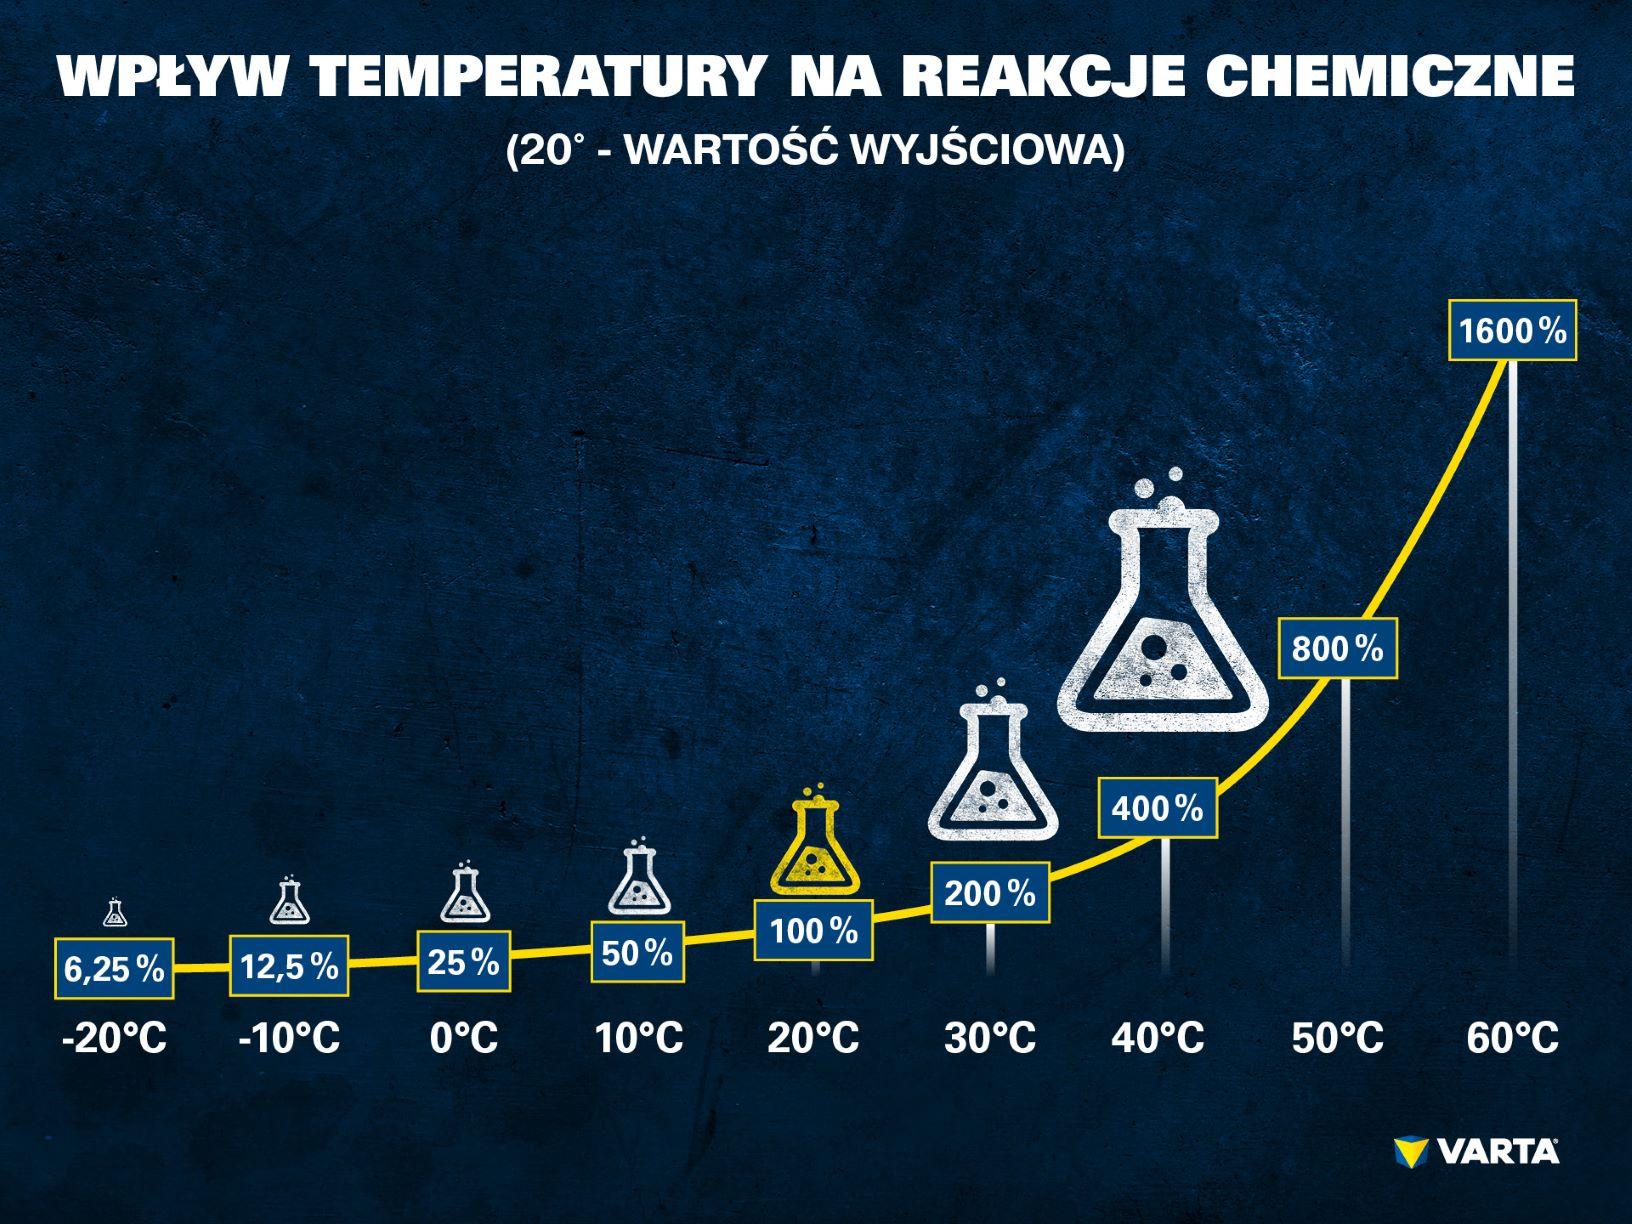 Wpływ temperatury na reakcje chemiczne